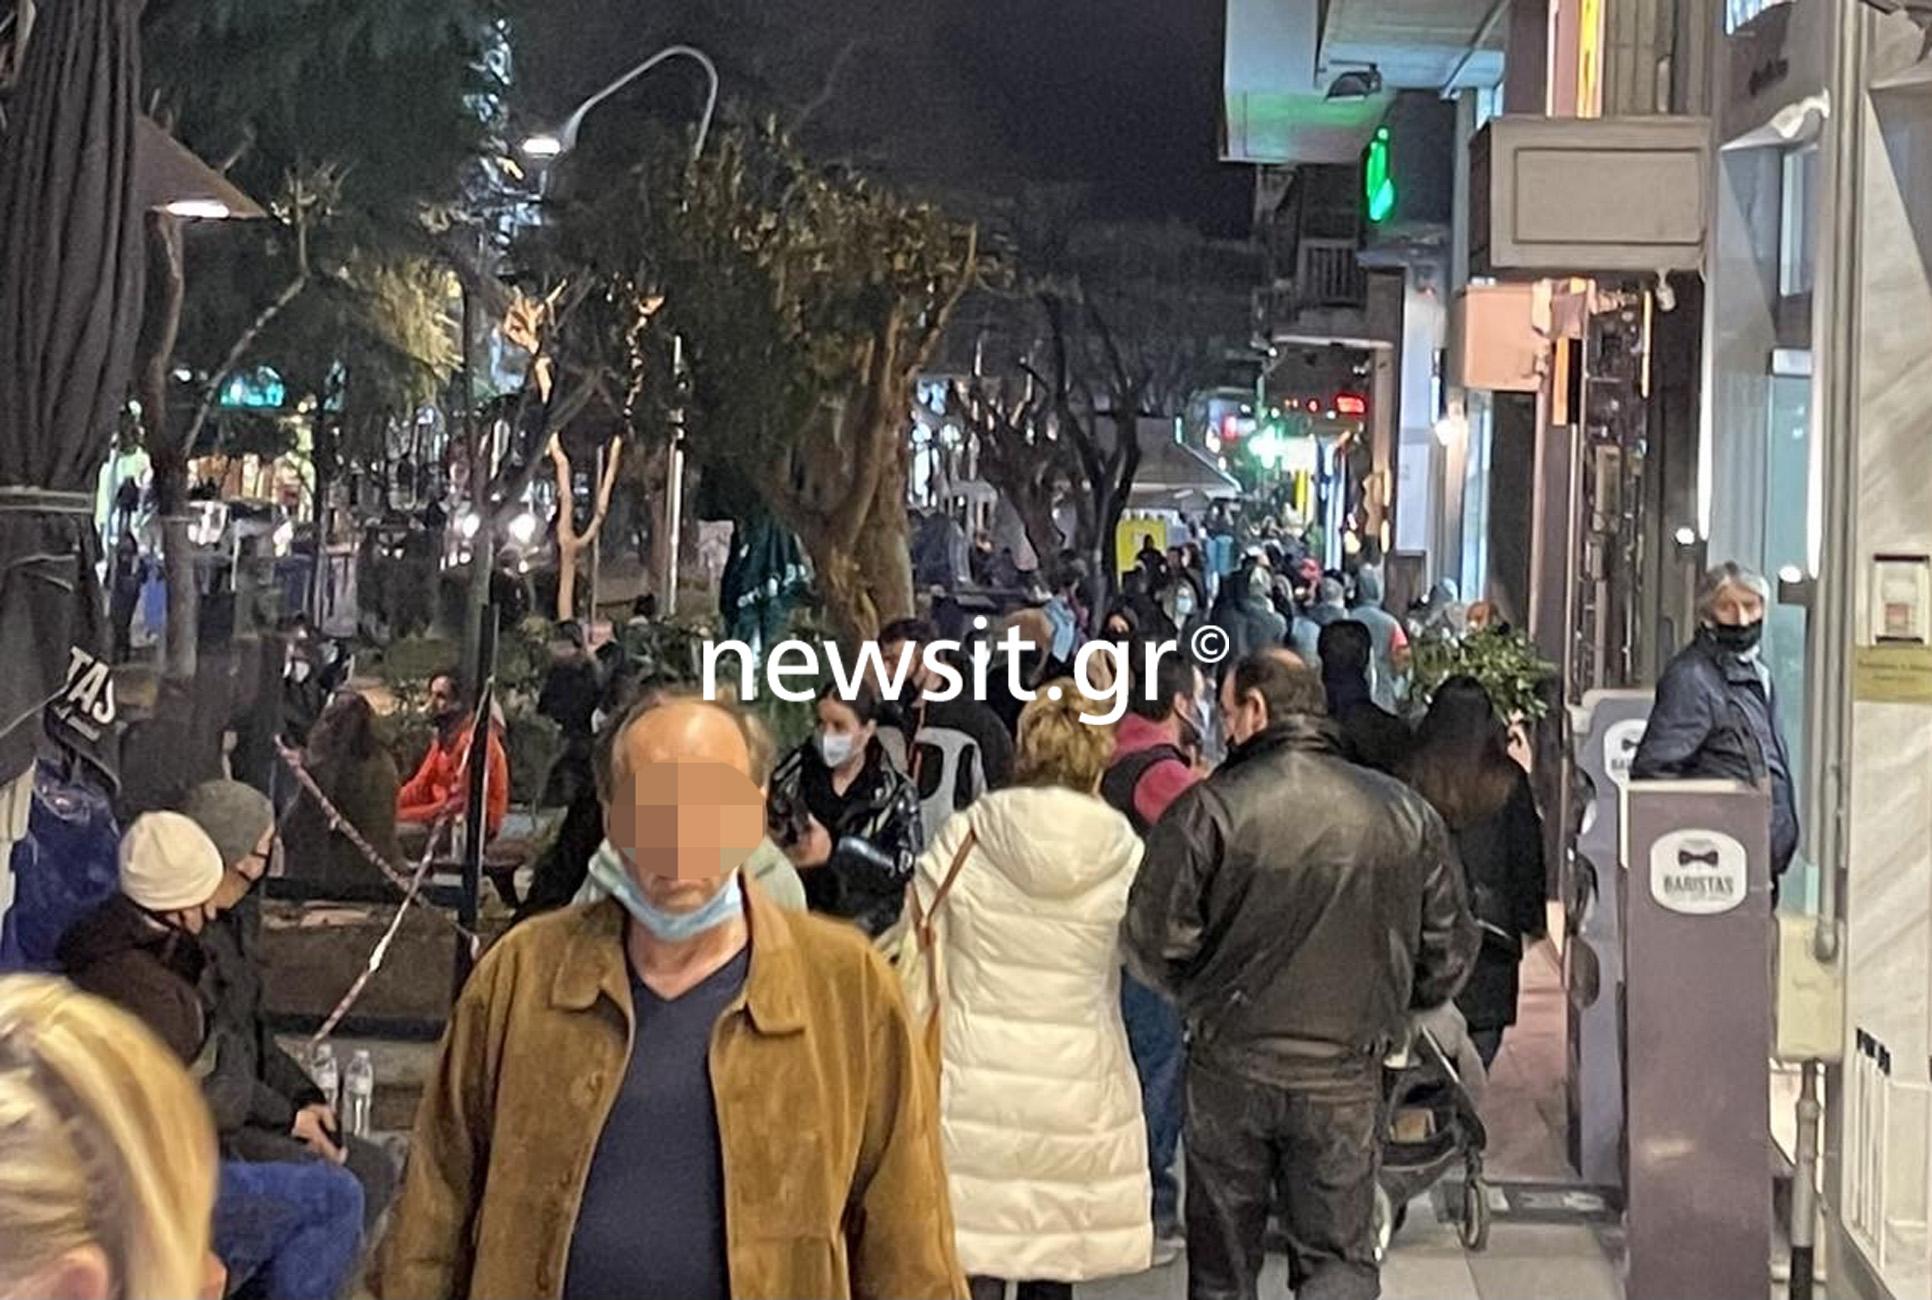 Καλαμαριά: Εικόνες συνωστισμού στον πεζόδρομο (pics)